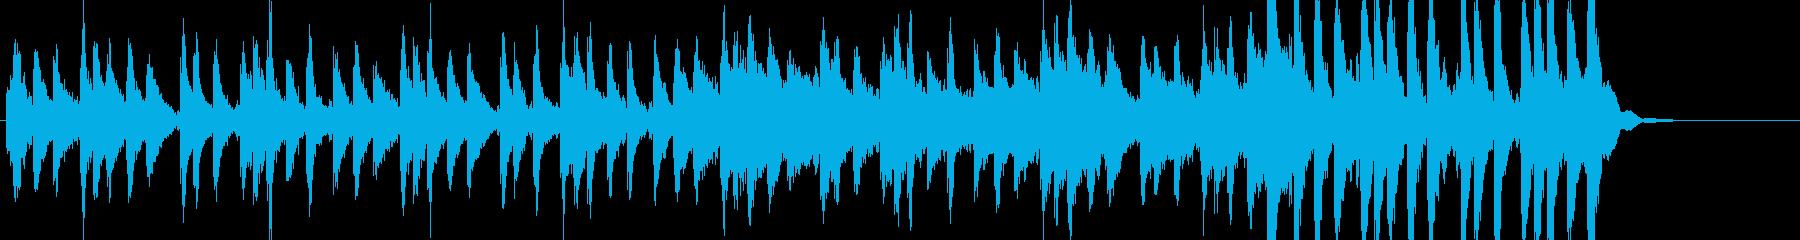 ゲームの戦闘シーンにあう曲の再生済みの波形